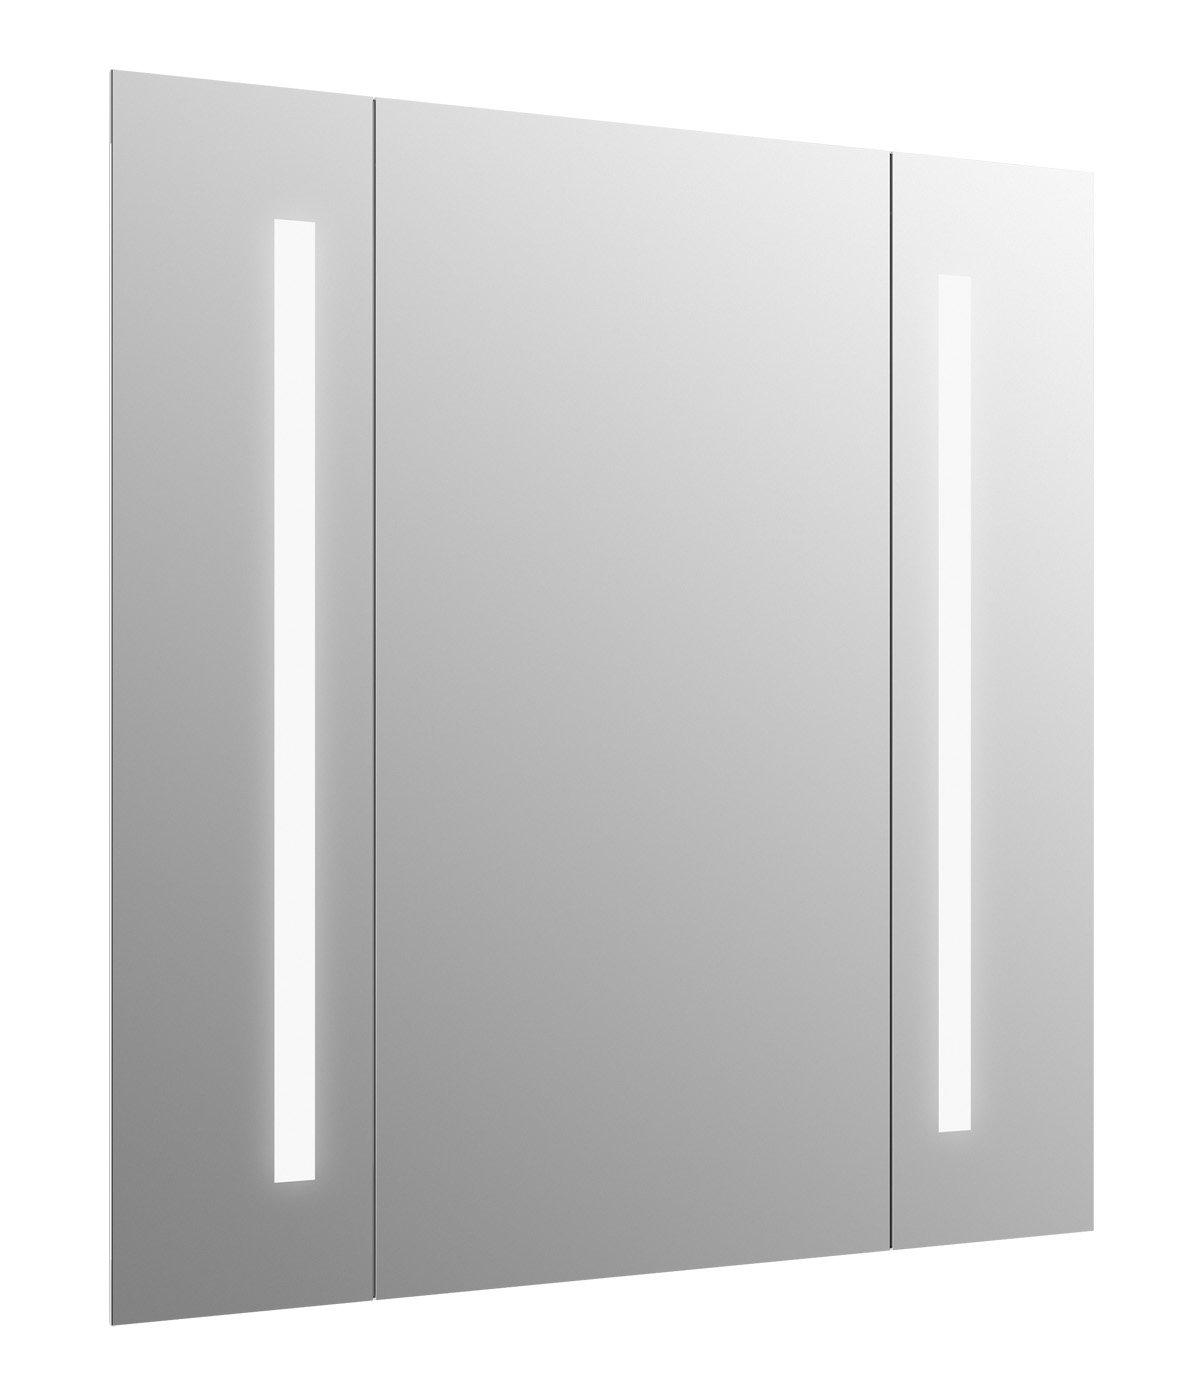 KOHLER 99572-TL-NA Verdera Lighted Mirror, Aluminum, 34''x33'' by Kohler